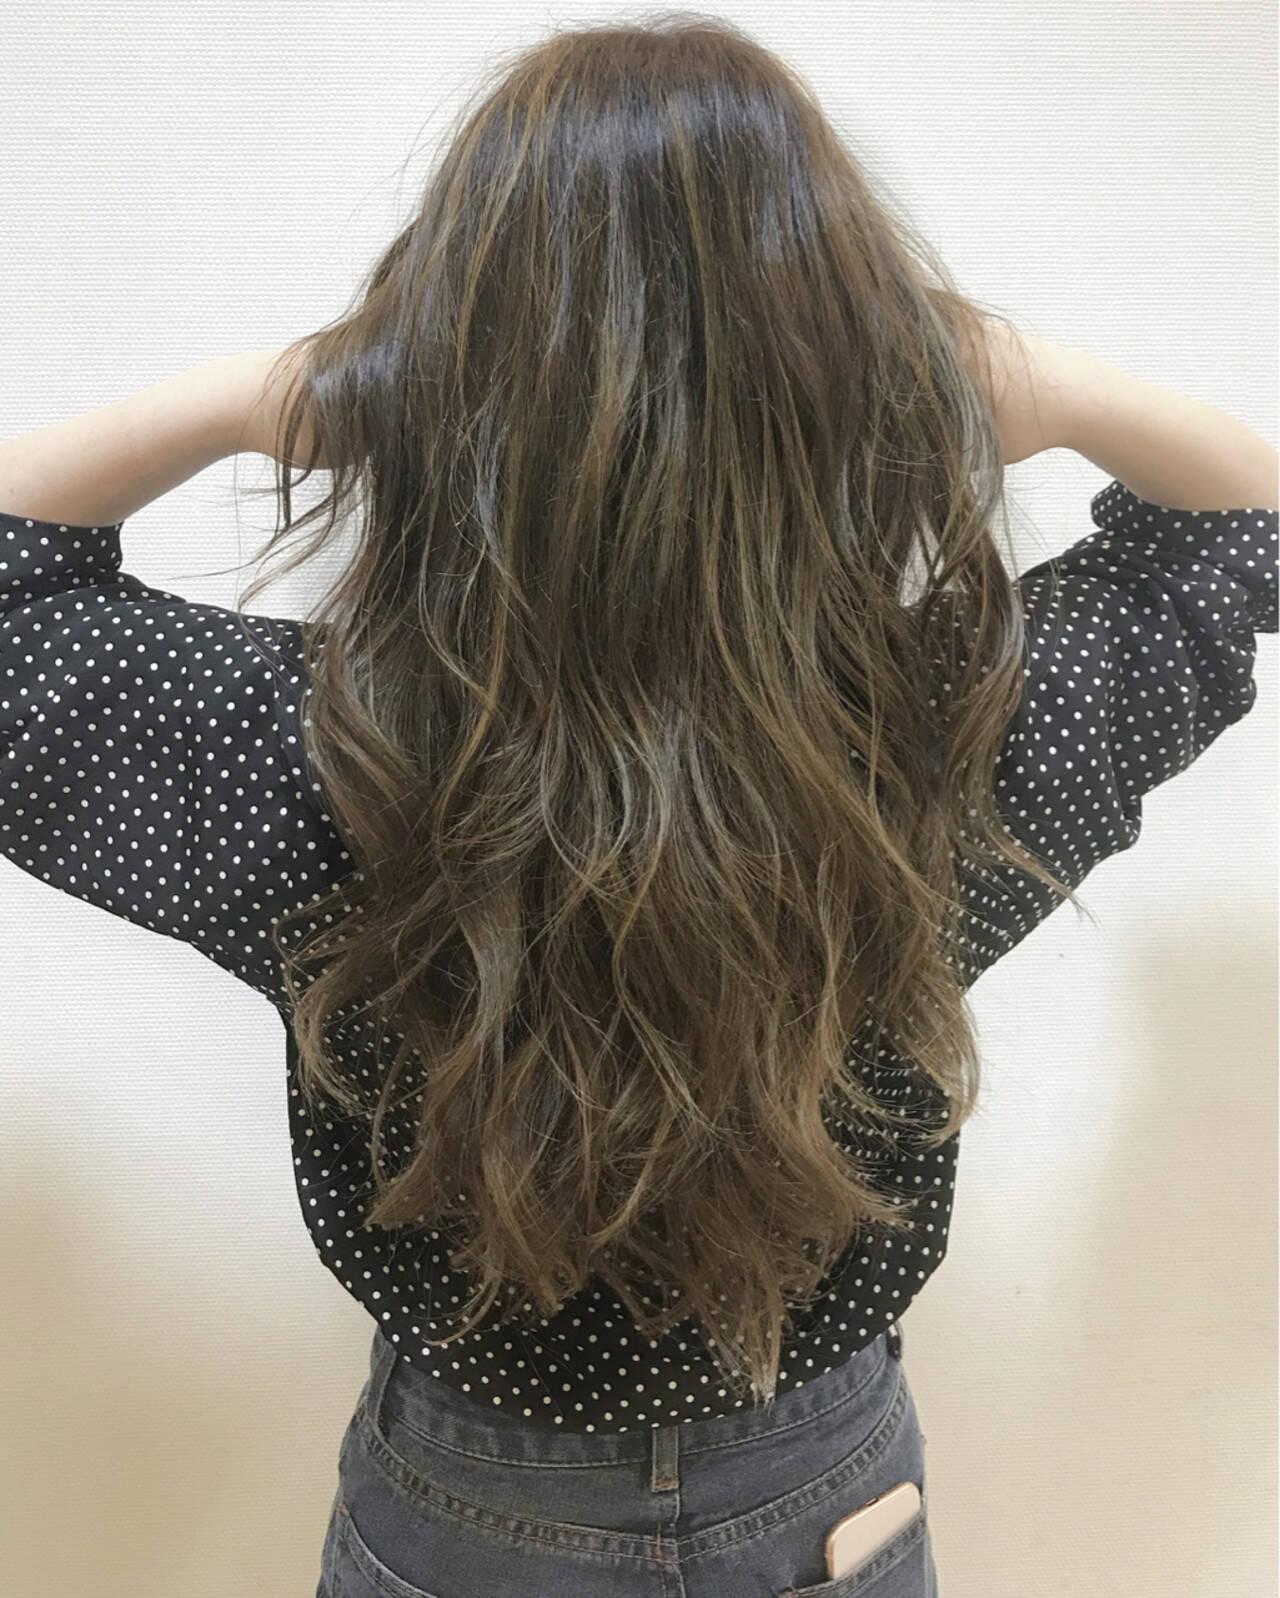 外国人風 ハイライト ロング アッシュヘアスタイルや髪型の写真・画像